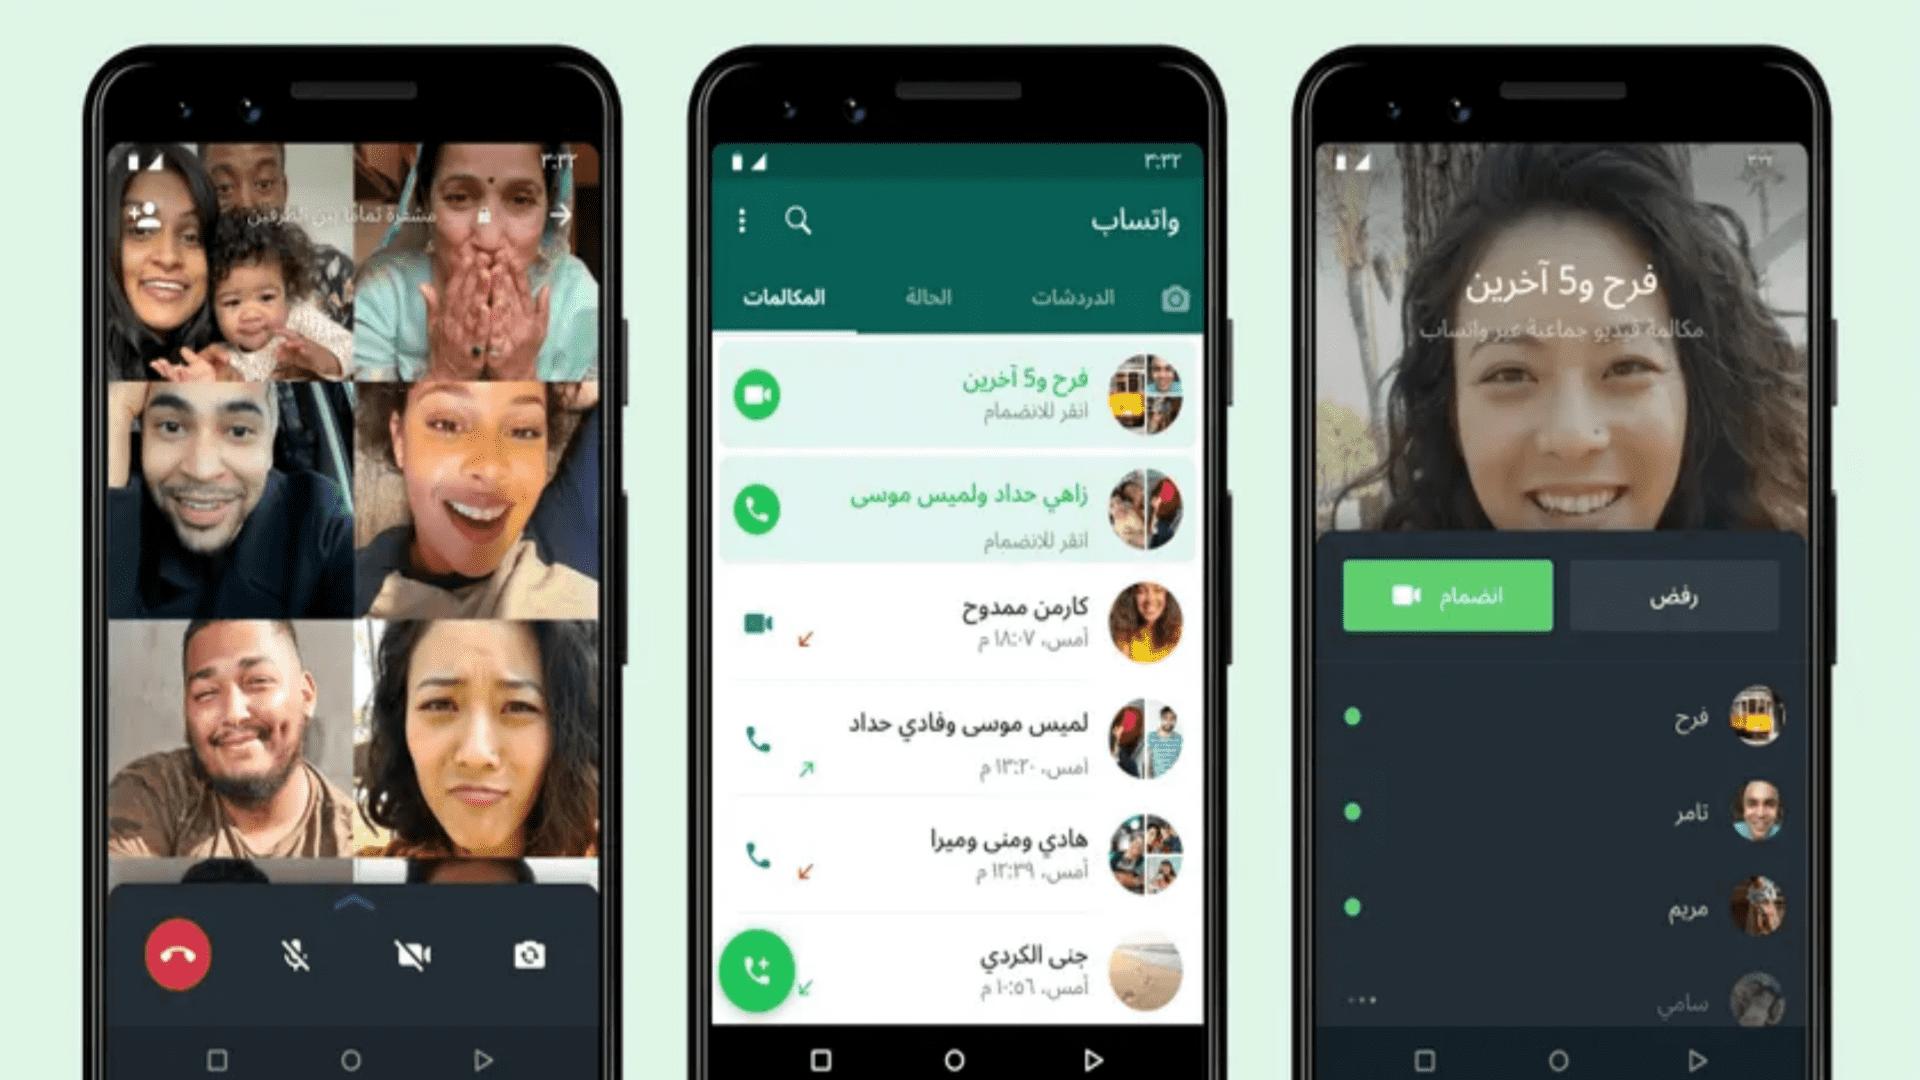 كيفية عمل مكالمات فيديو جماعية على الواتساب من الجوال